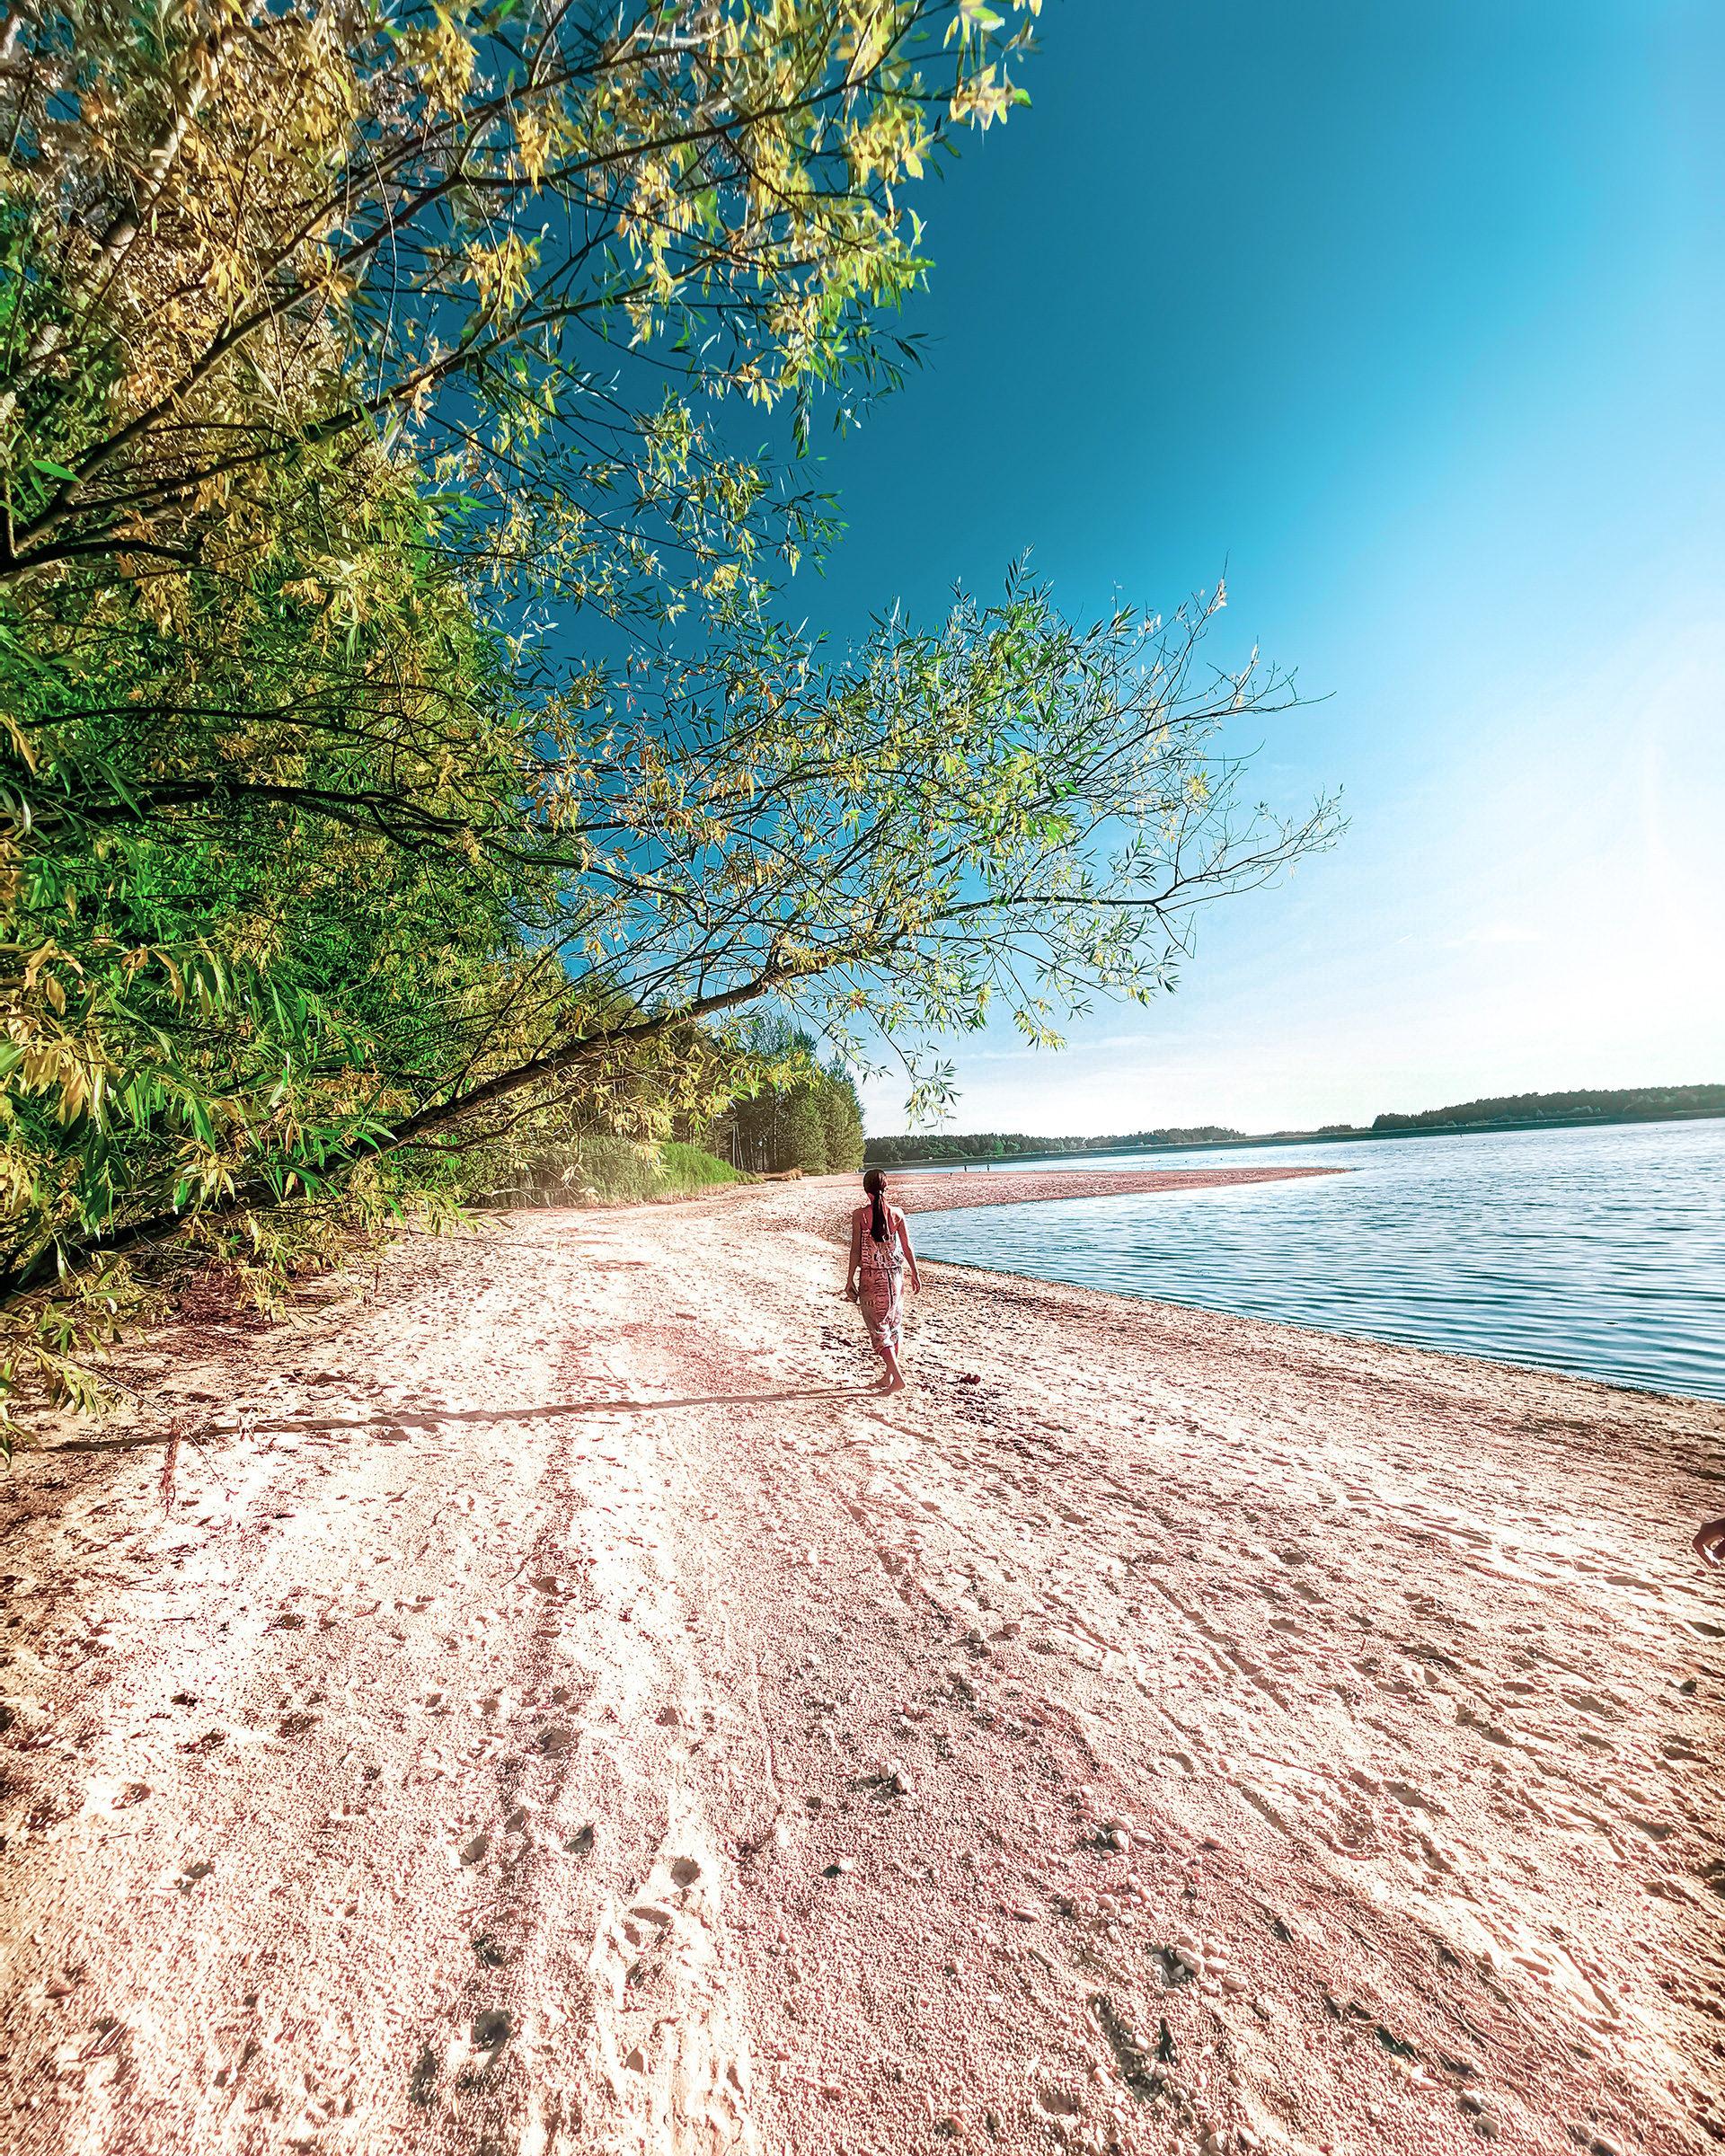 Strand am Rothsee zwischen Hasenbrucker Insel und Heuberger Badestrand